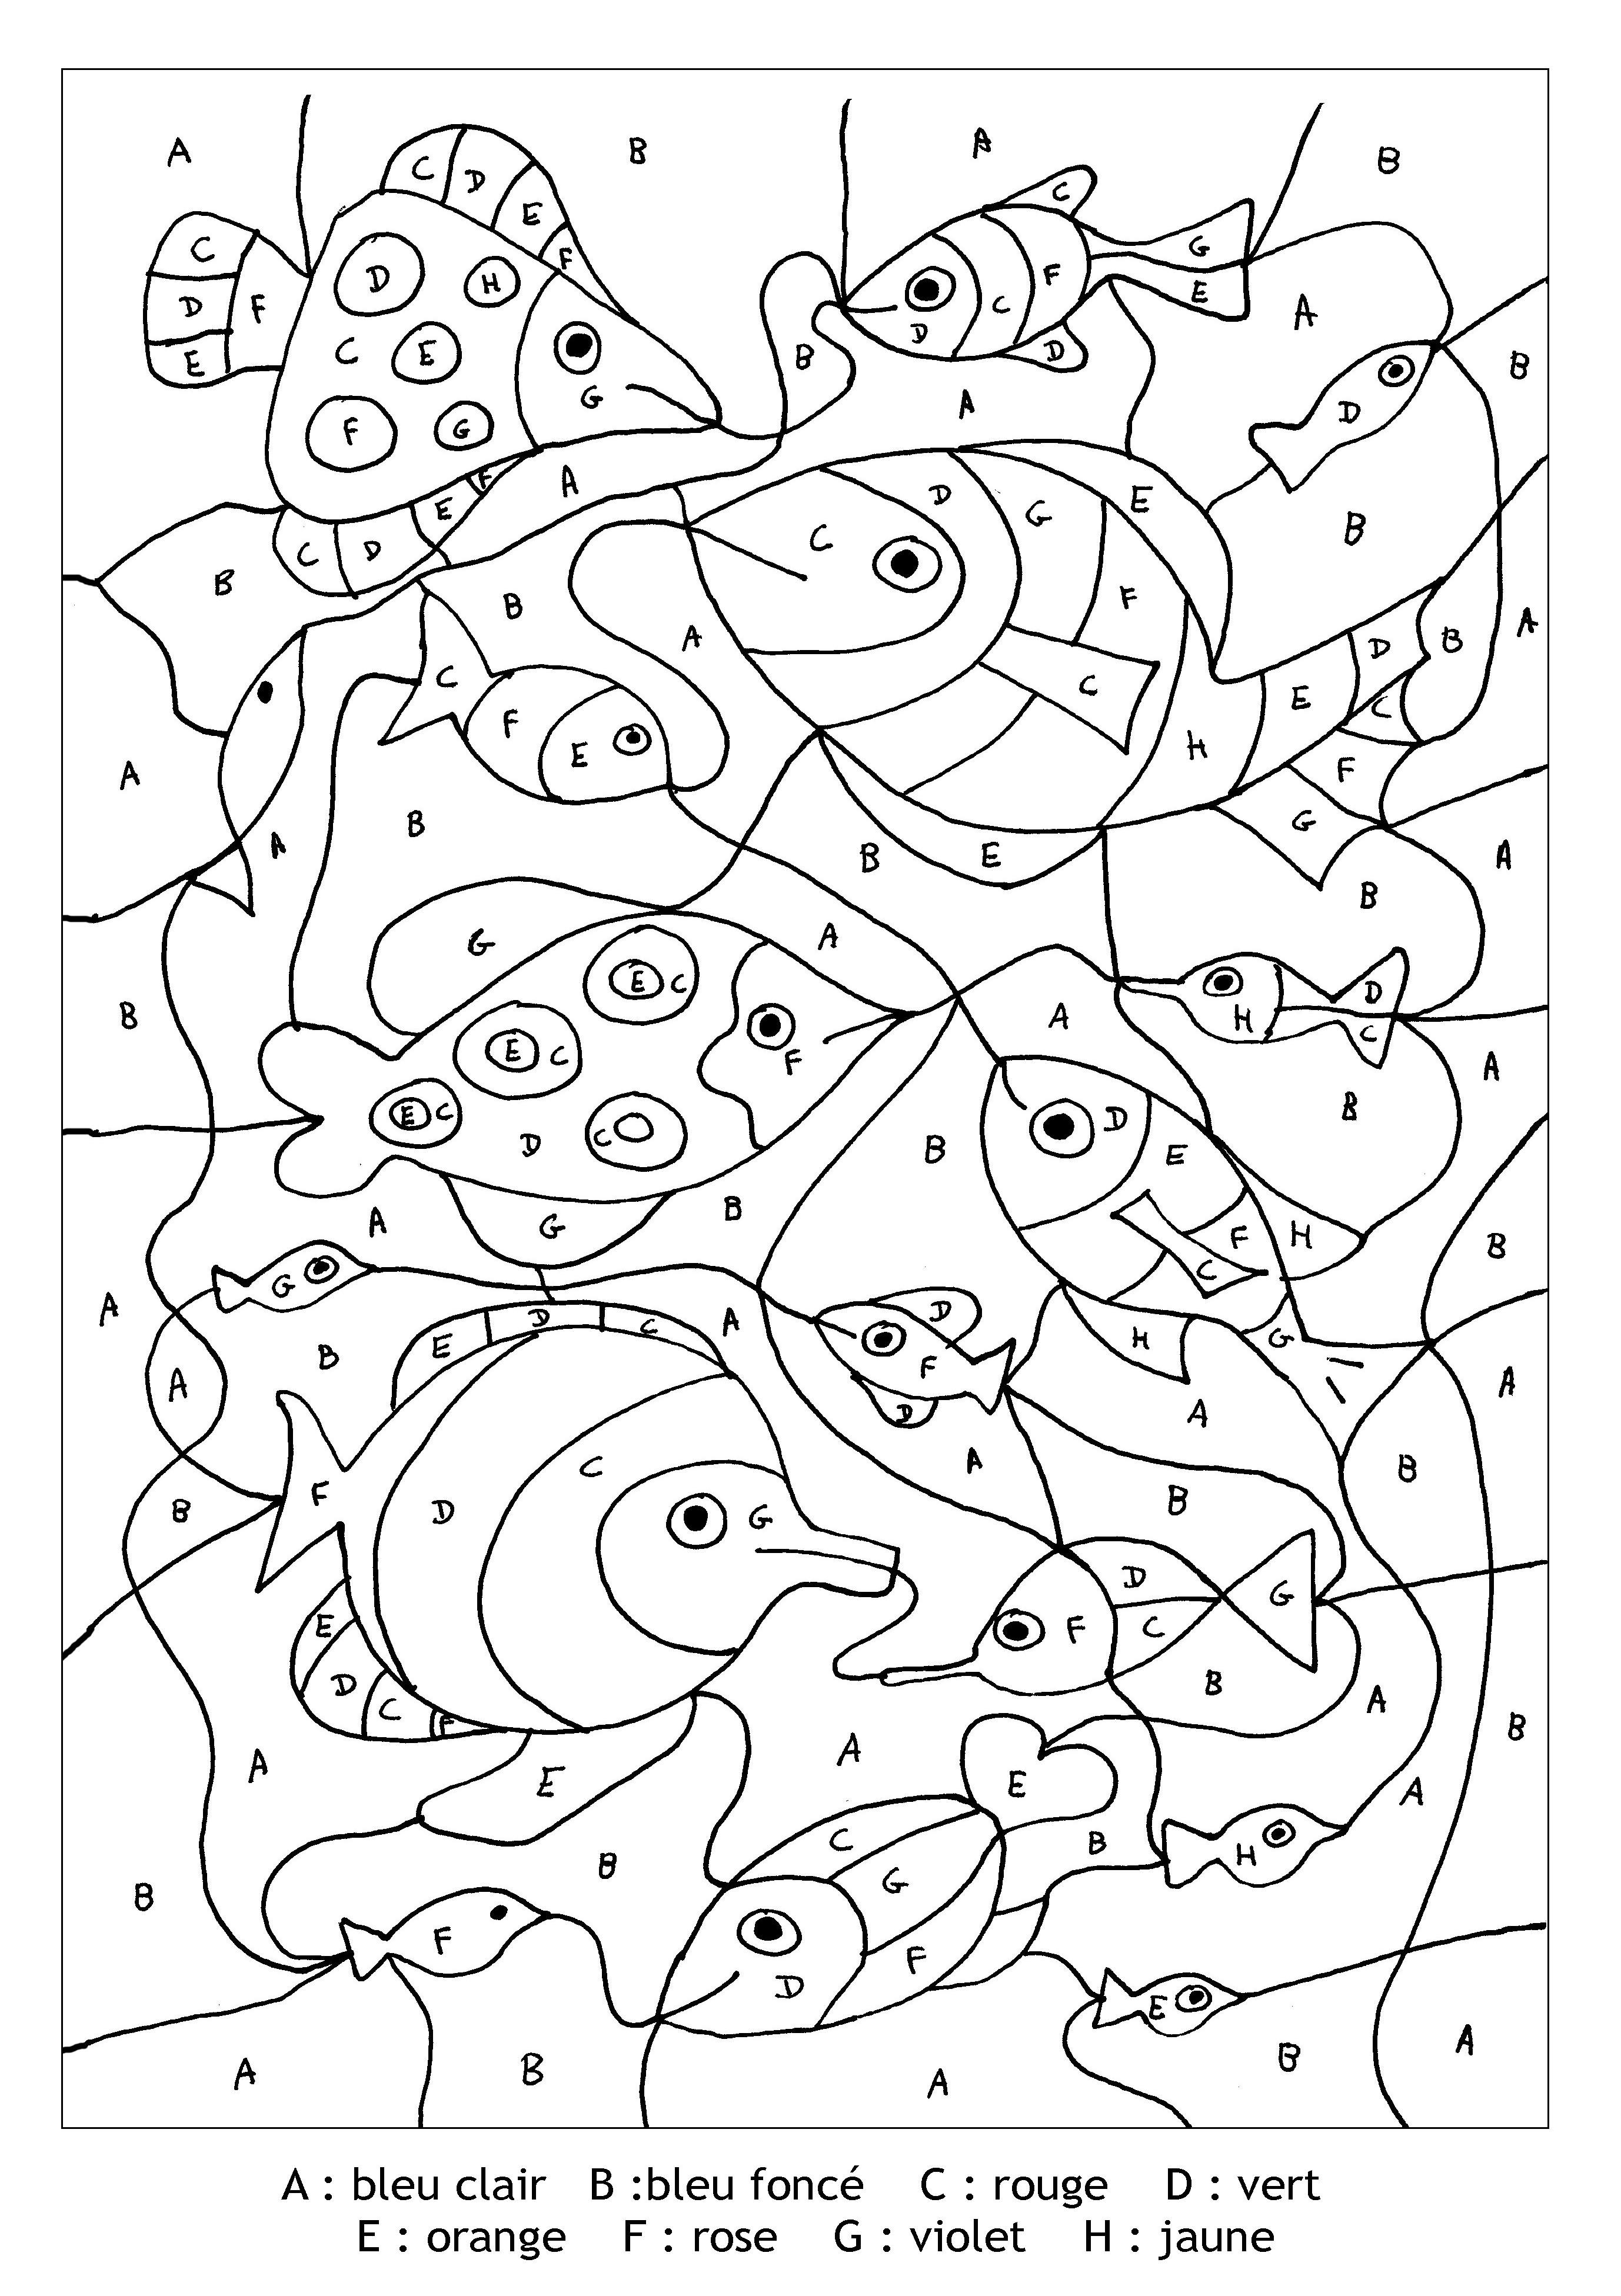 Grâce aux lettres indiquées, donnez de jolies couleurs à ces poissons !